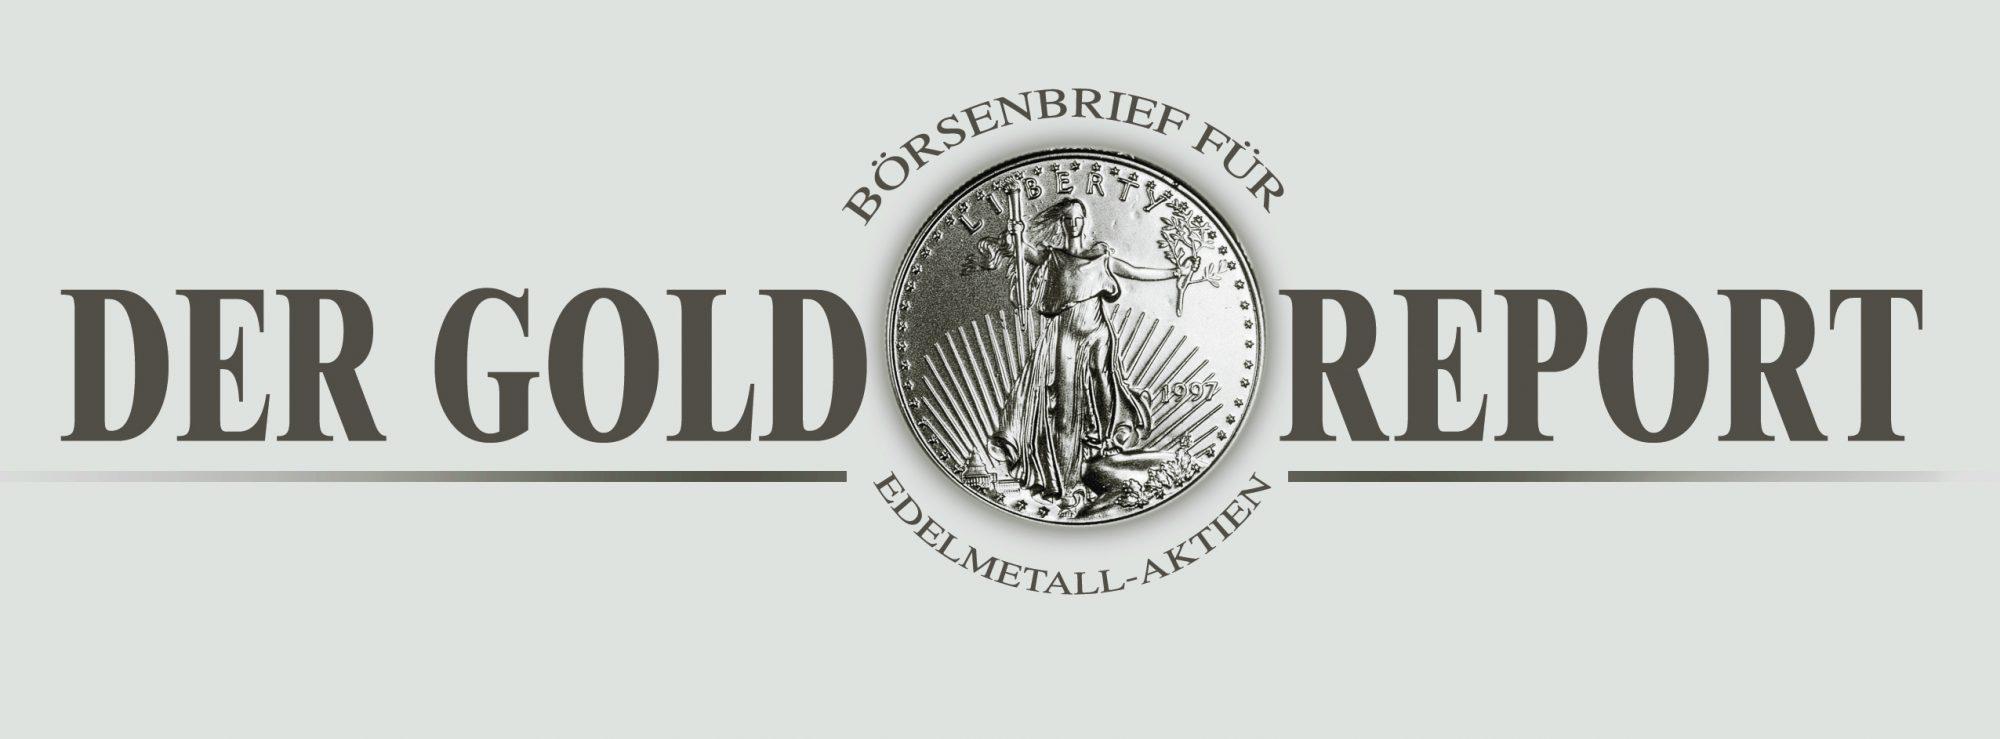 DER GOLDREPORT – Ihr Börsenbrief für Gold, Silber und Minenaktien